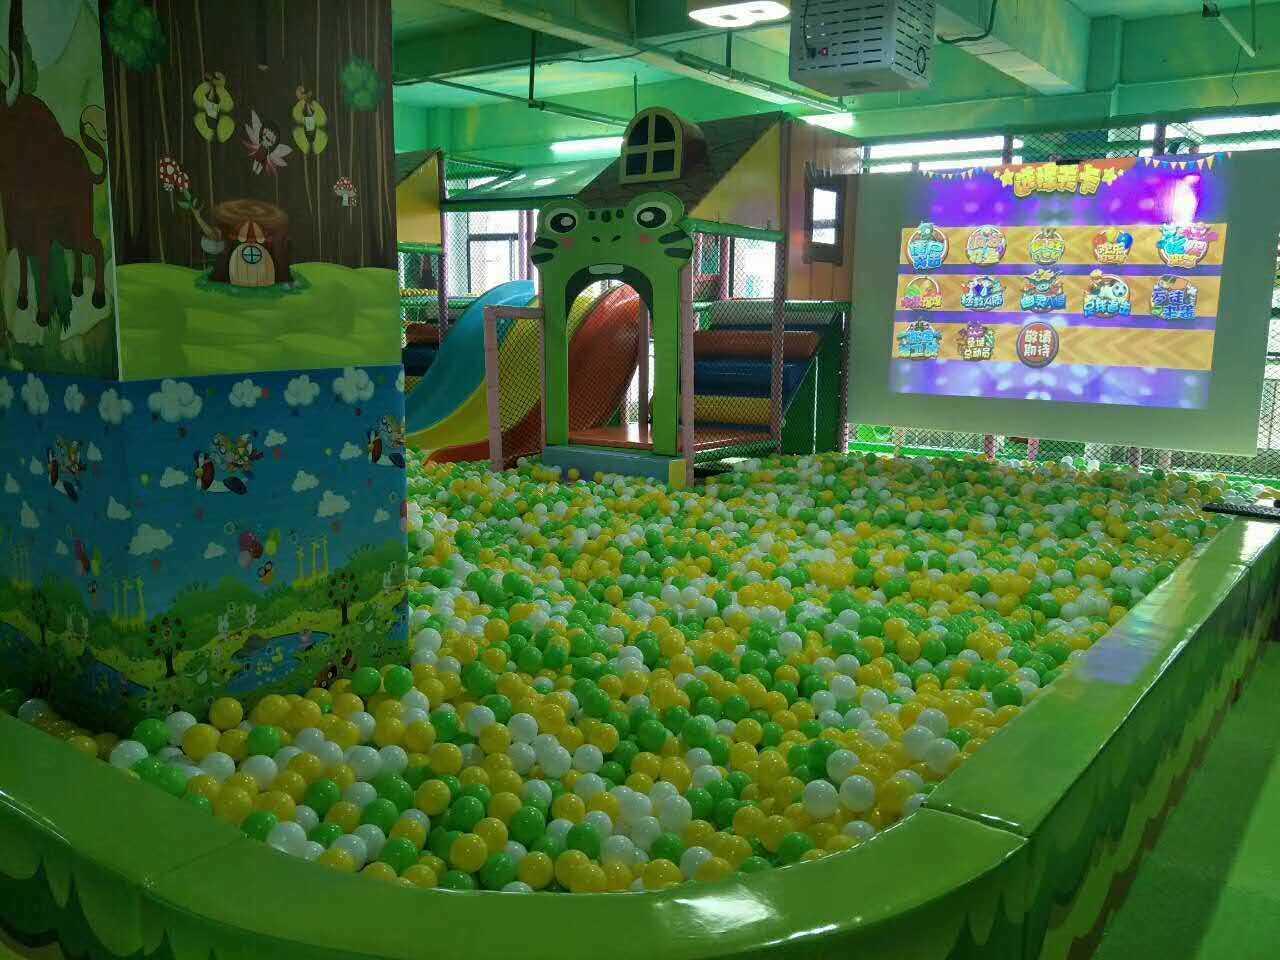 广州酷儿麦动漫科技教你买优质投影互动砸球游乐设备——投影砸球游戏